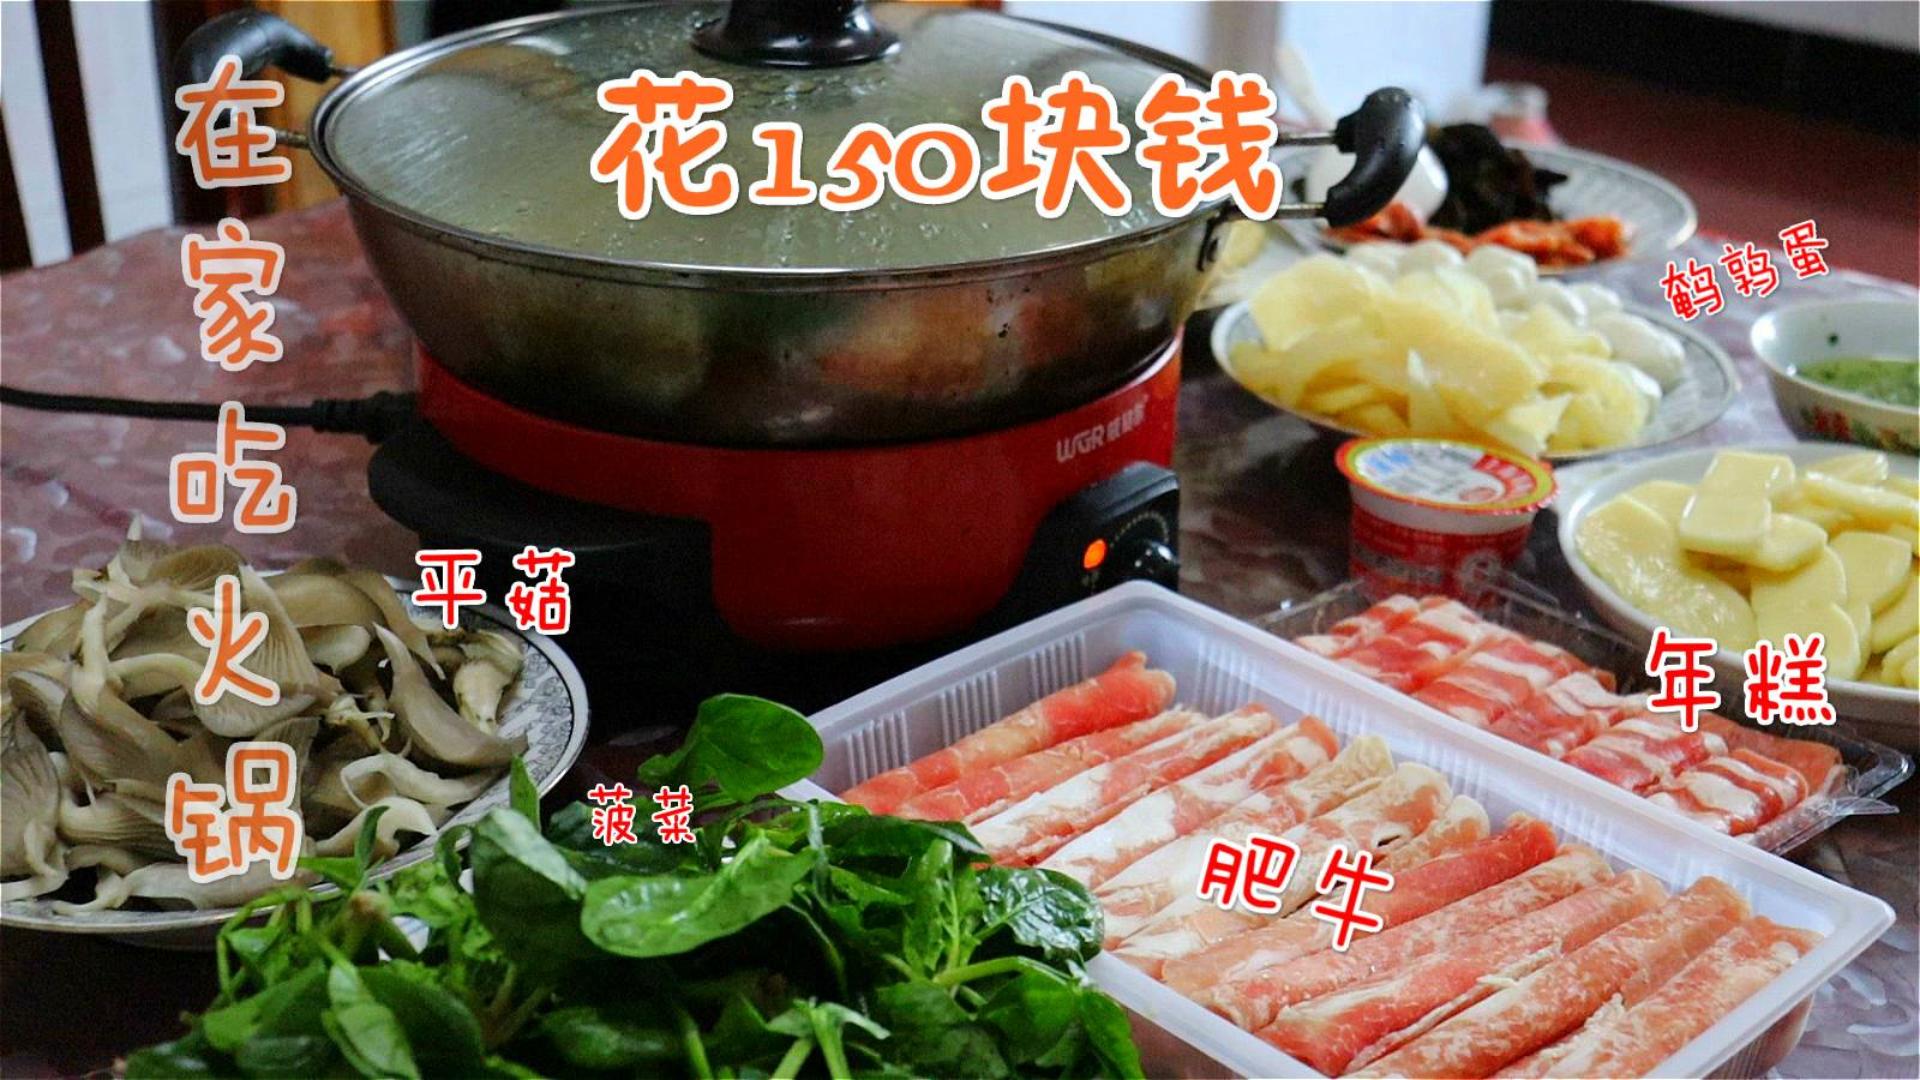 超值!一家三口花150元在家吃火锅,非常时期,也不能亏待自己!